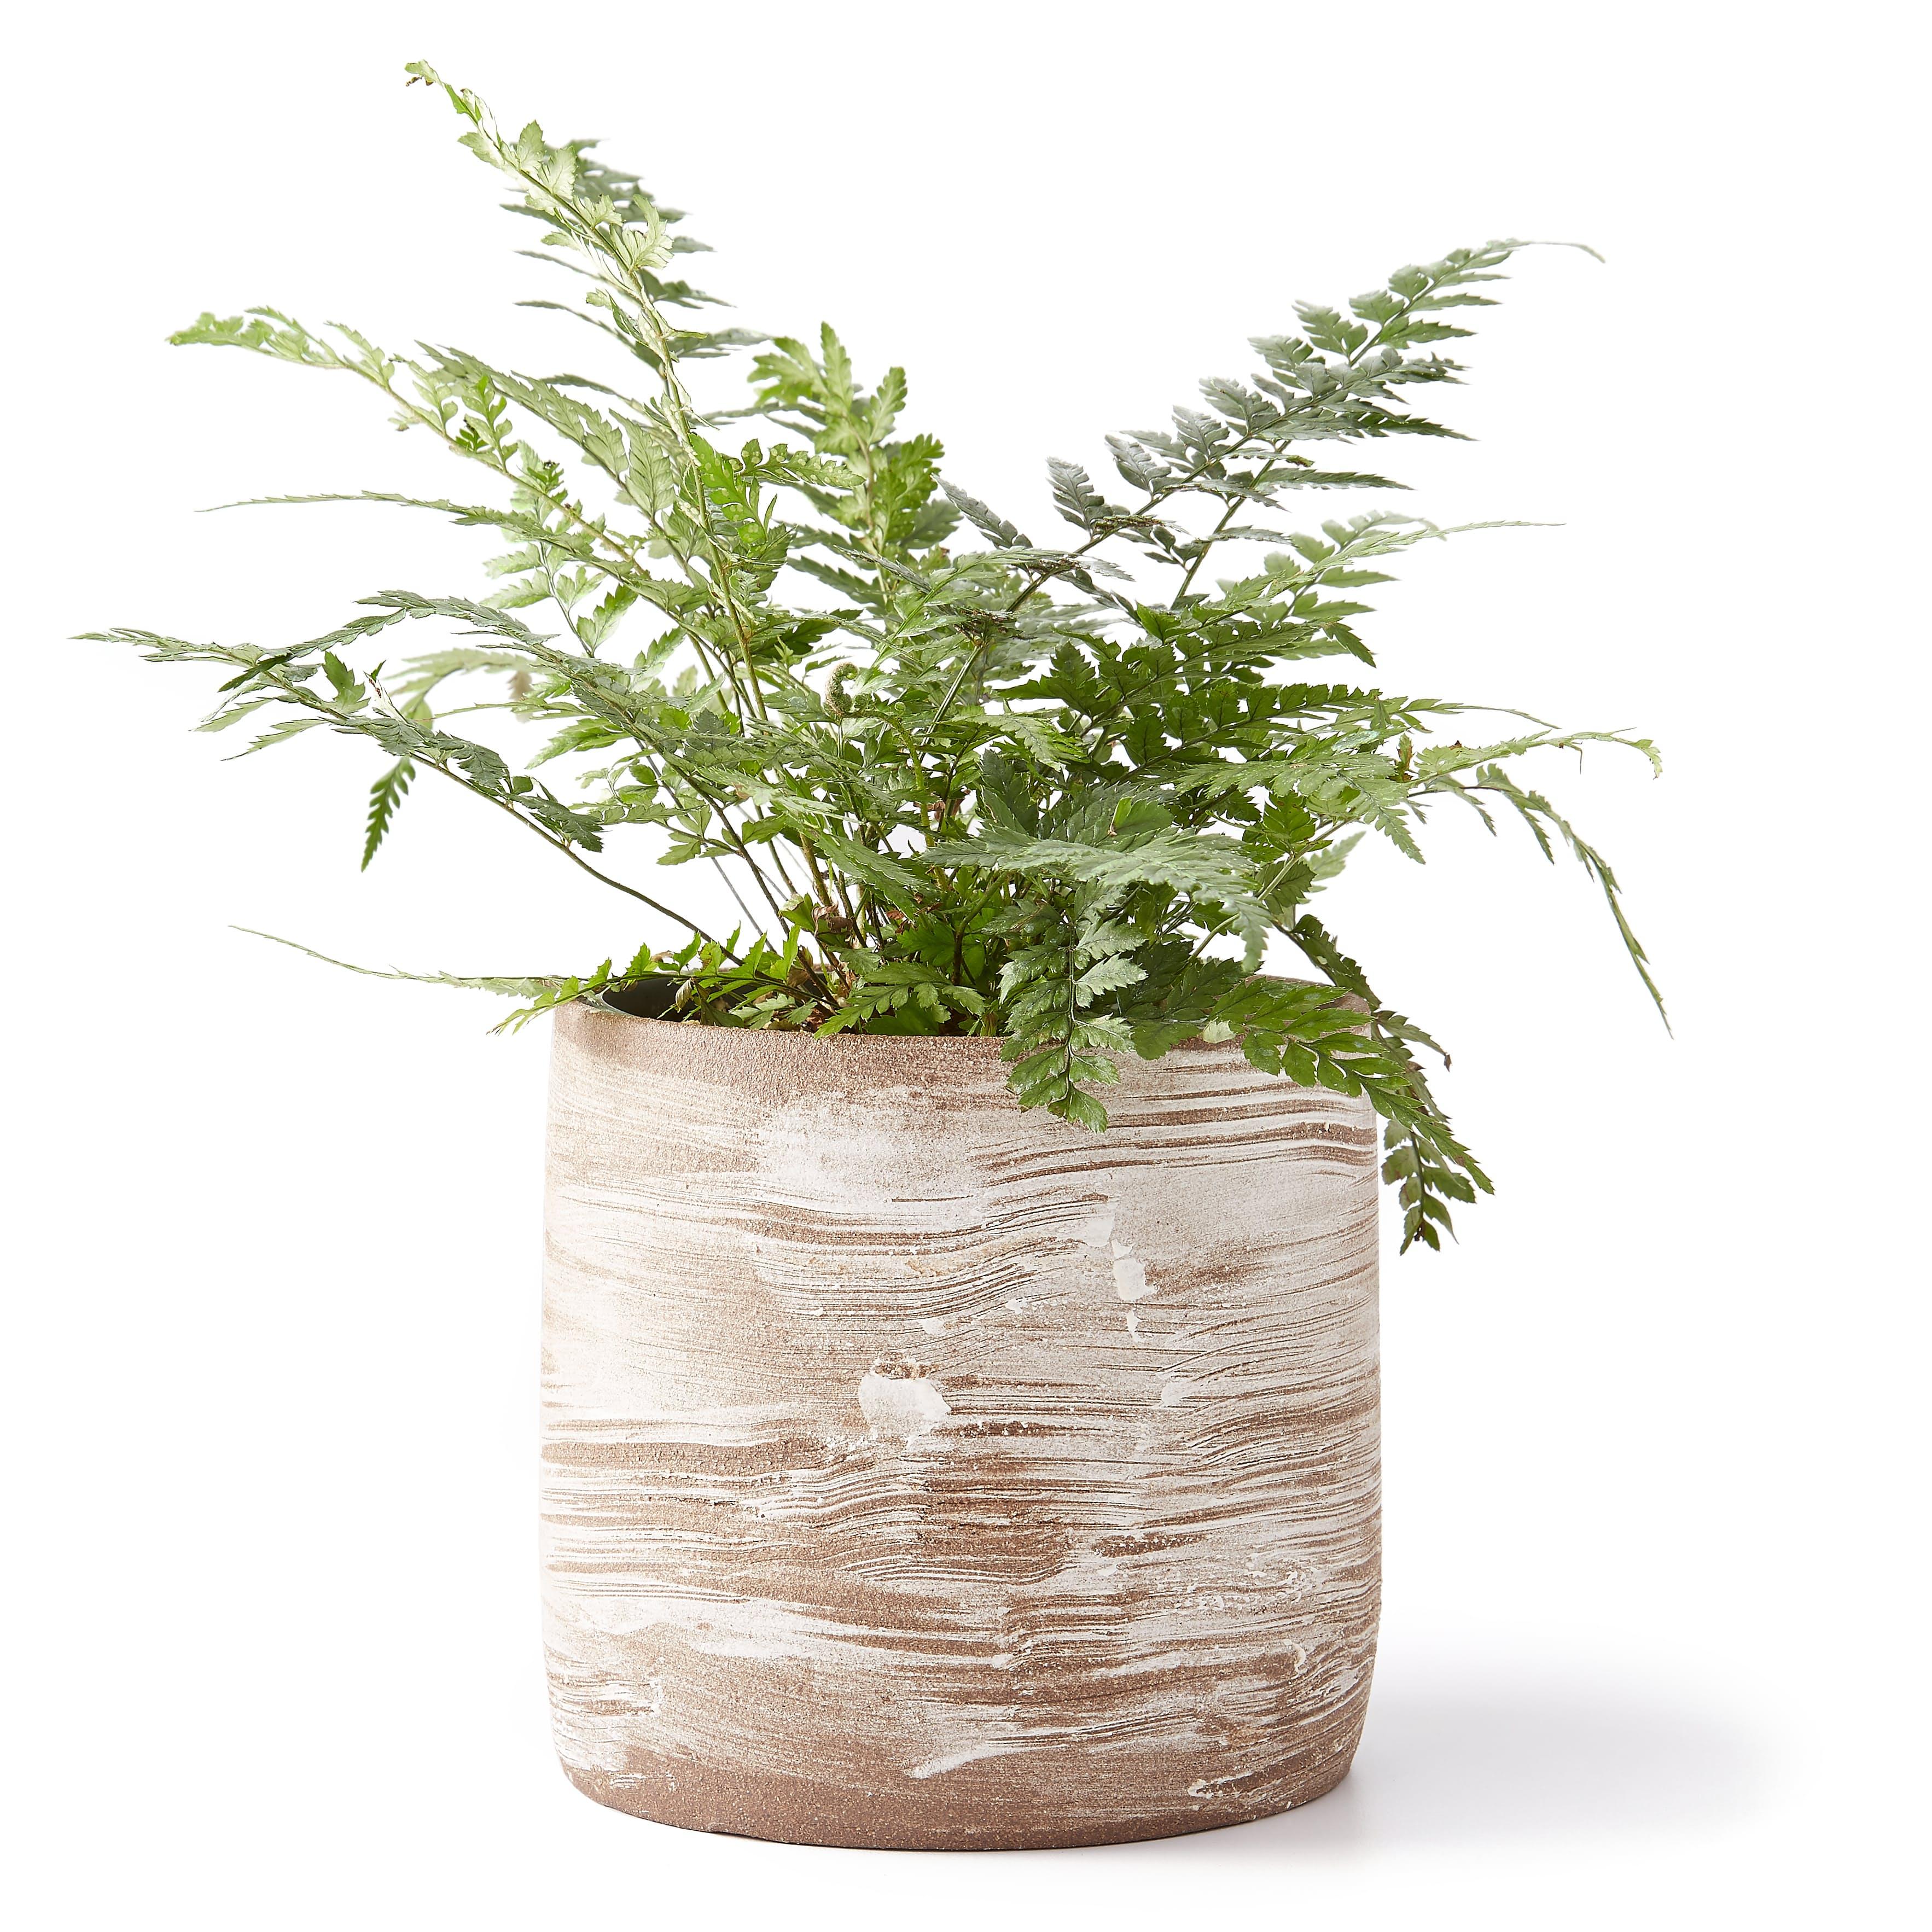 Vbmuowtlqb uzumati ceramics alpine winds planter exclusive 0 original